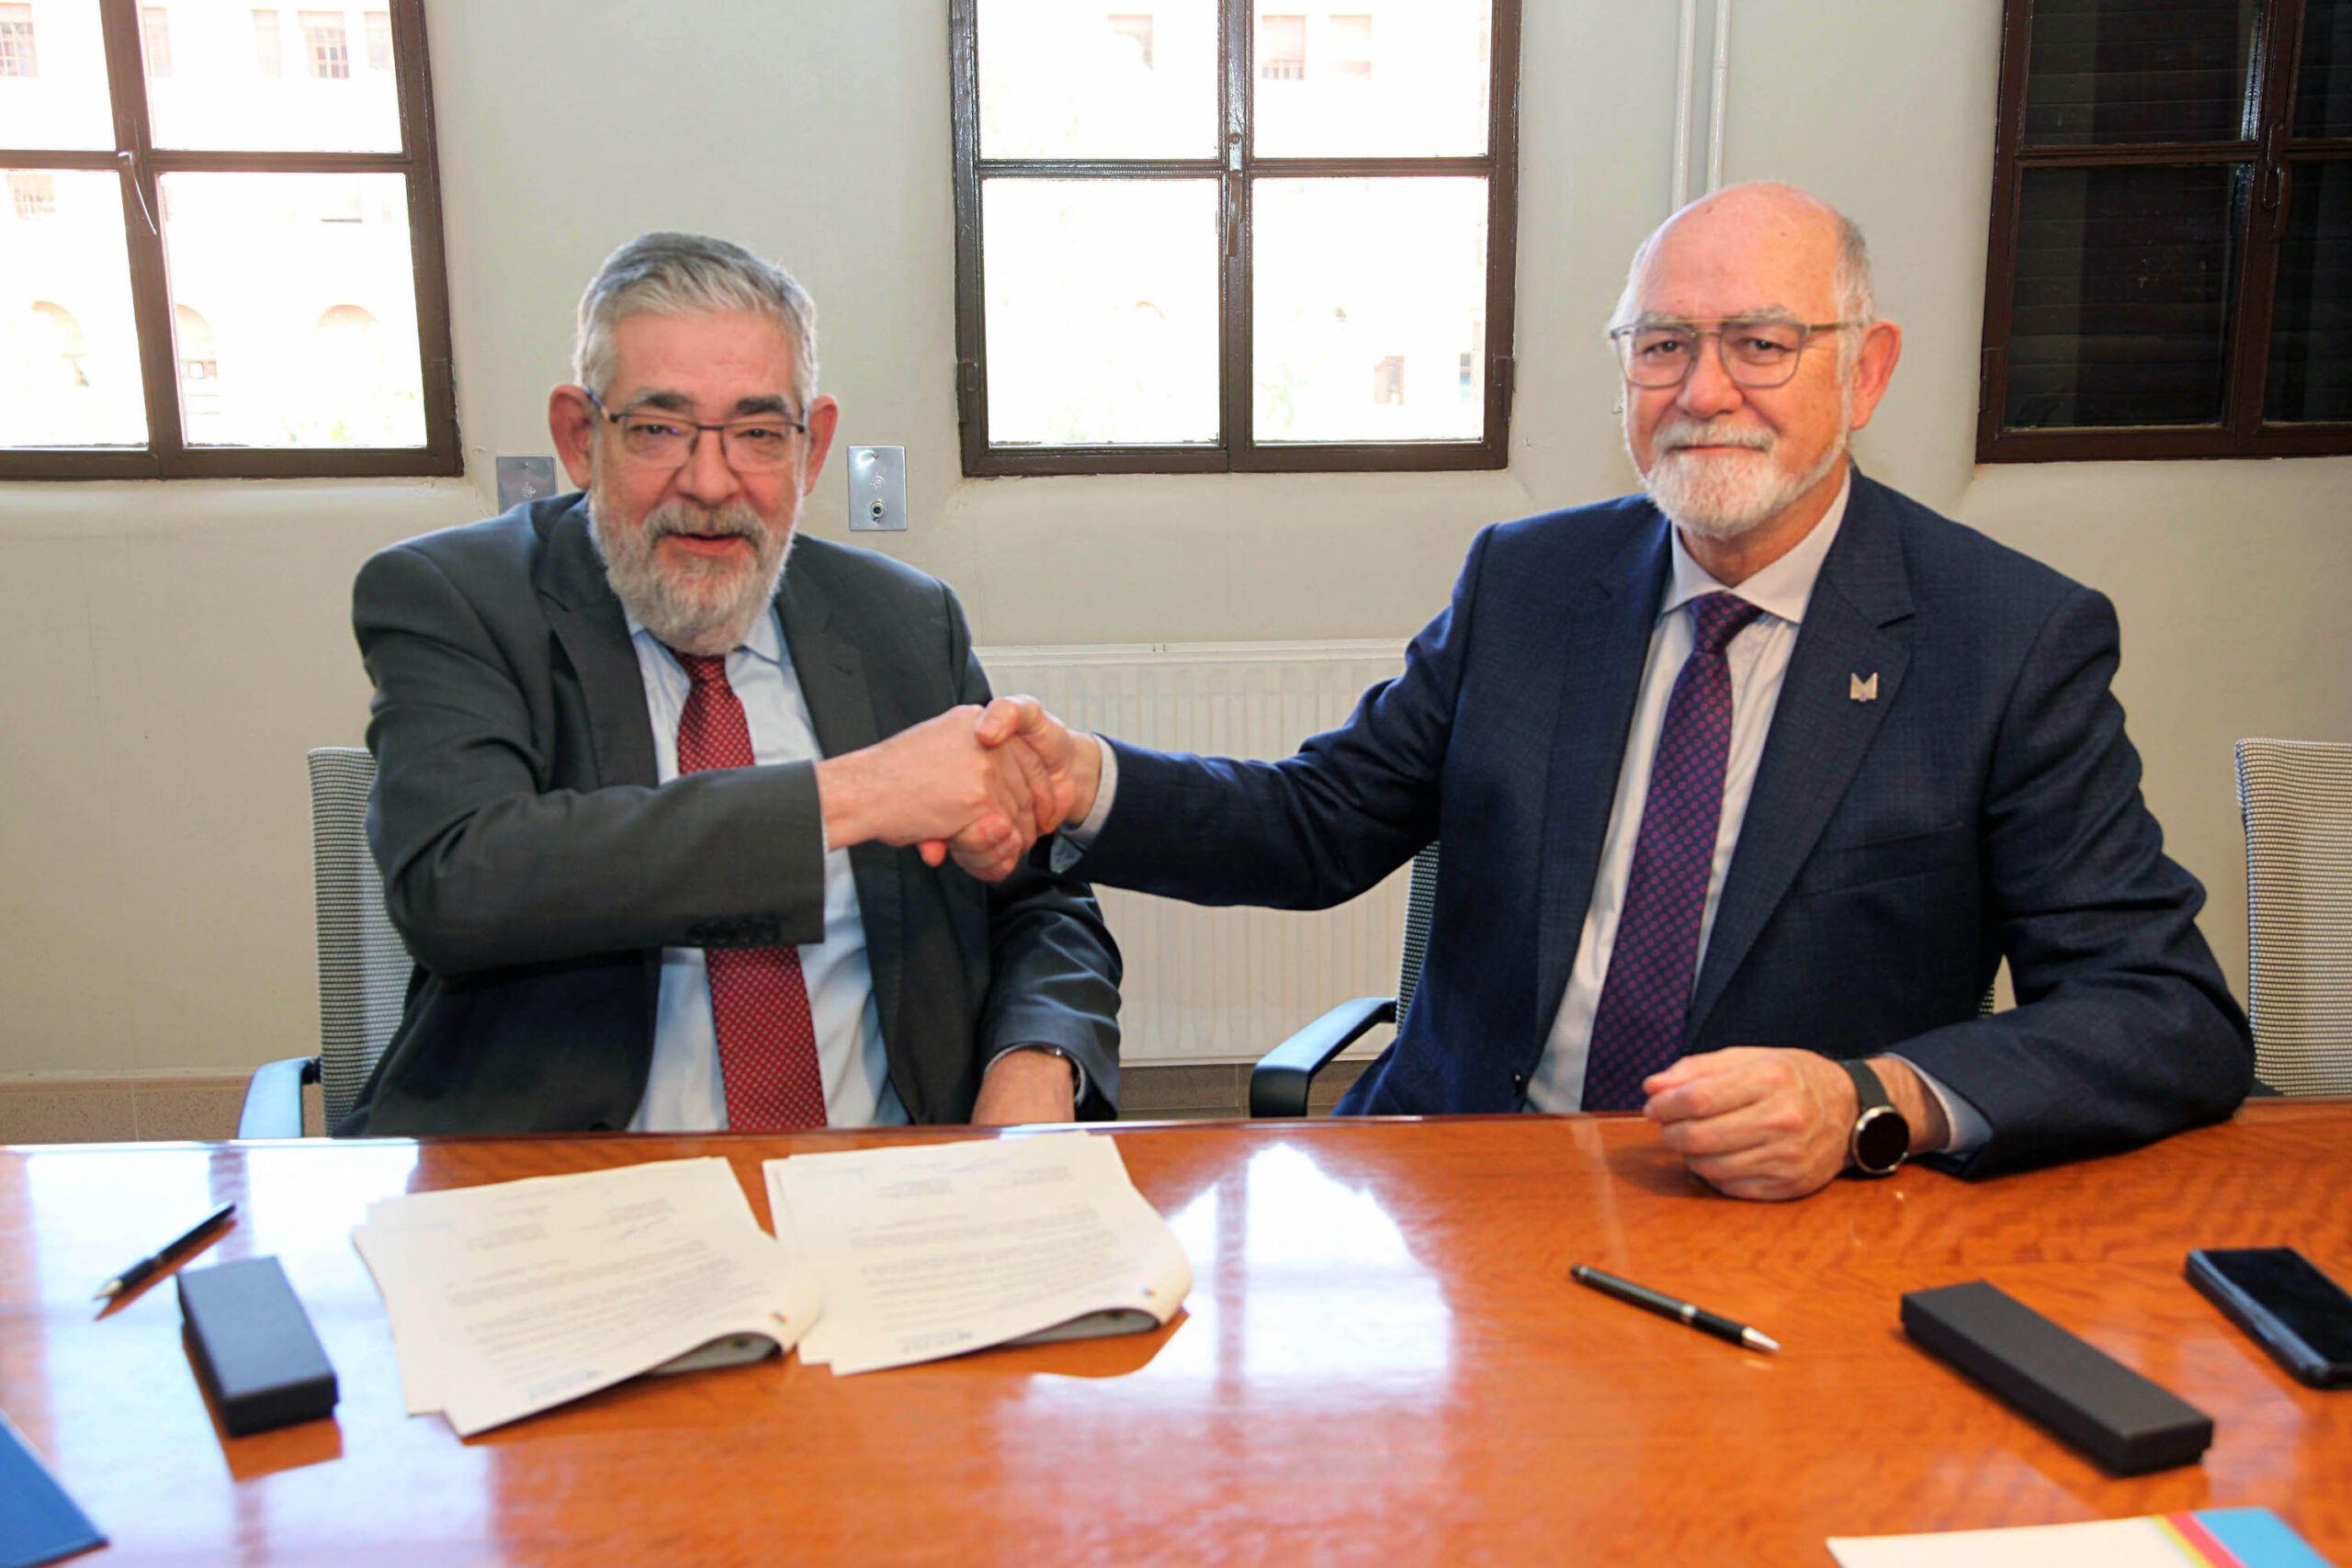 La firma del convenio para la Cátedra DeCo por parte del presidente del Colegio de Farmacéuticos de Valencia, Jaime Giner, y del rector de la CEU UCH, Vicente Navarro de Luján, se celebró en el mes de febrero.